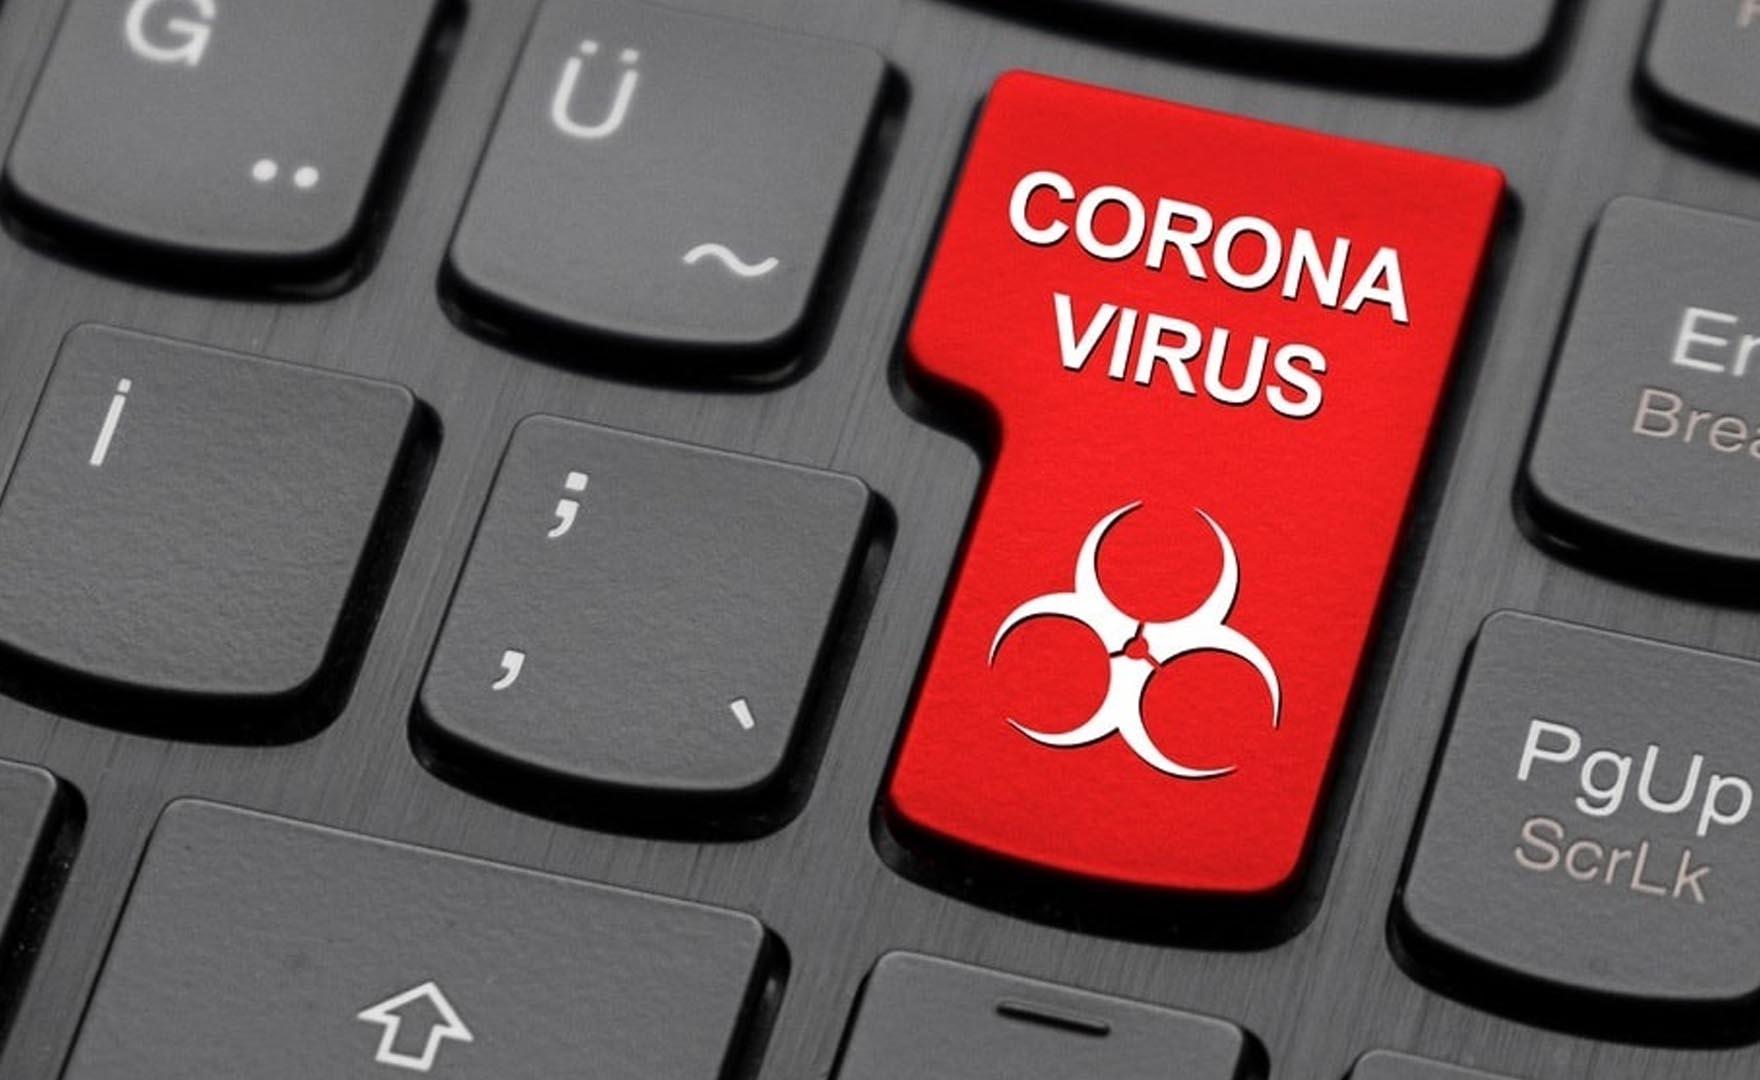 Gli hacker continuano a sfruttare la paura del COVID-19